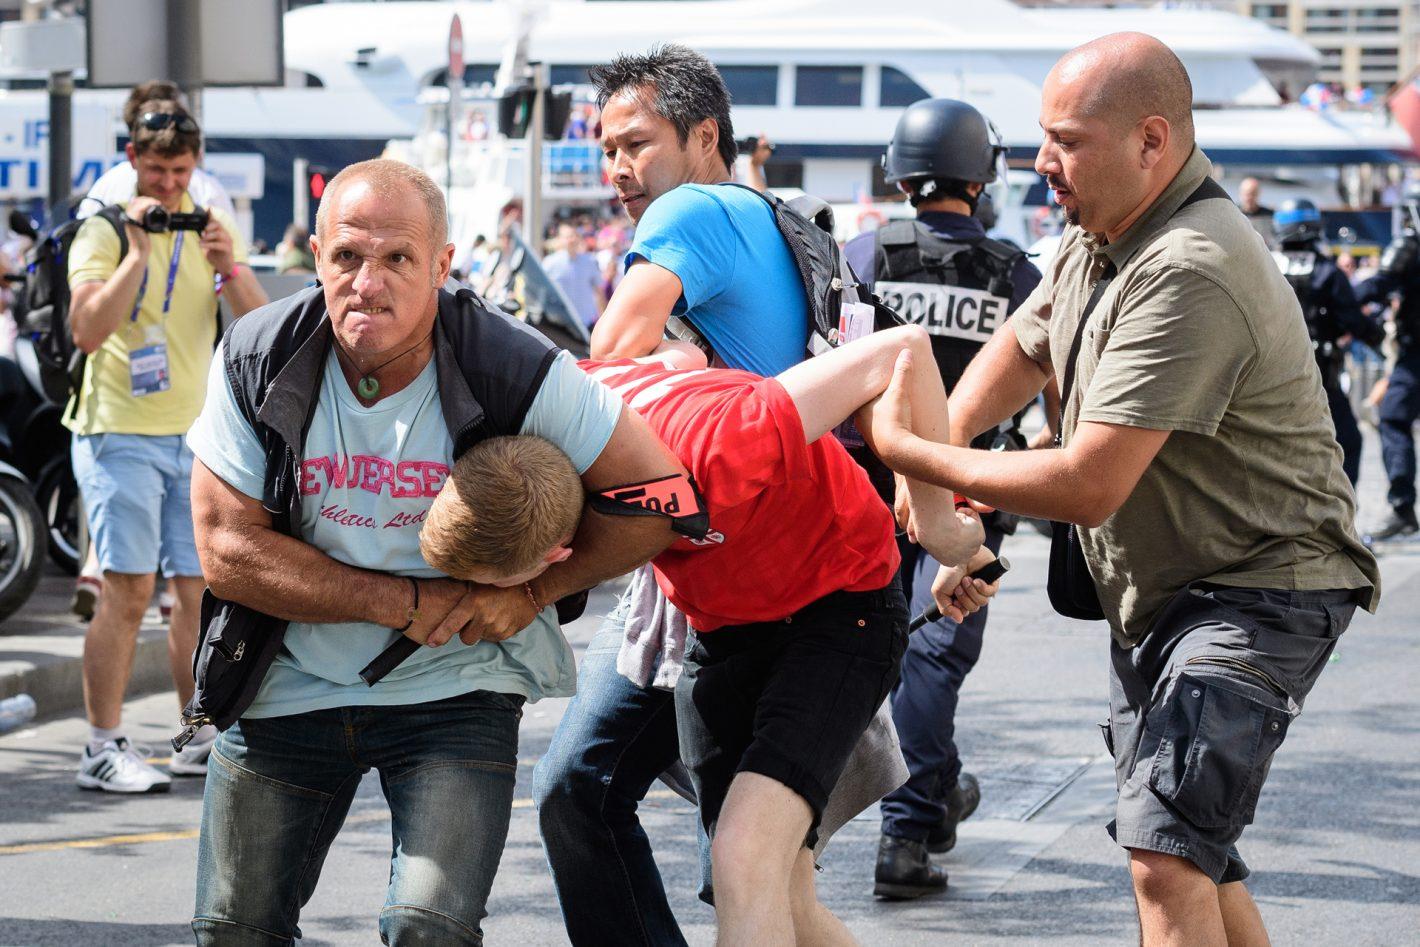 Brigade d'intervention de la police arrêtant un supporter anglais à Marseille. Leon Neal, ambassadeur britannique de Nikon. Nikon D5 + 70-200 mm f/2.8 @ f/7.1   70,0 mm   1/2000 s   800 ISO © Leon Neal www.leonneal.com